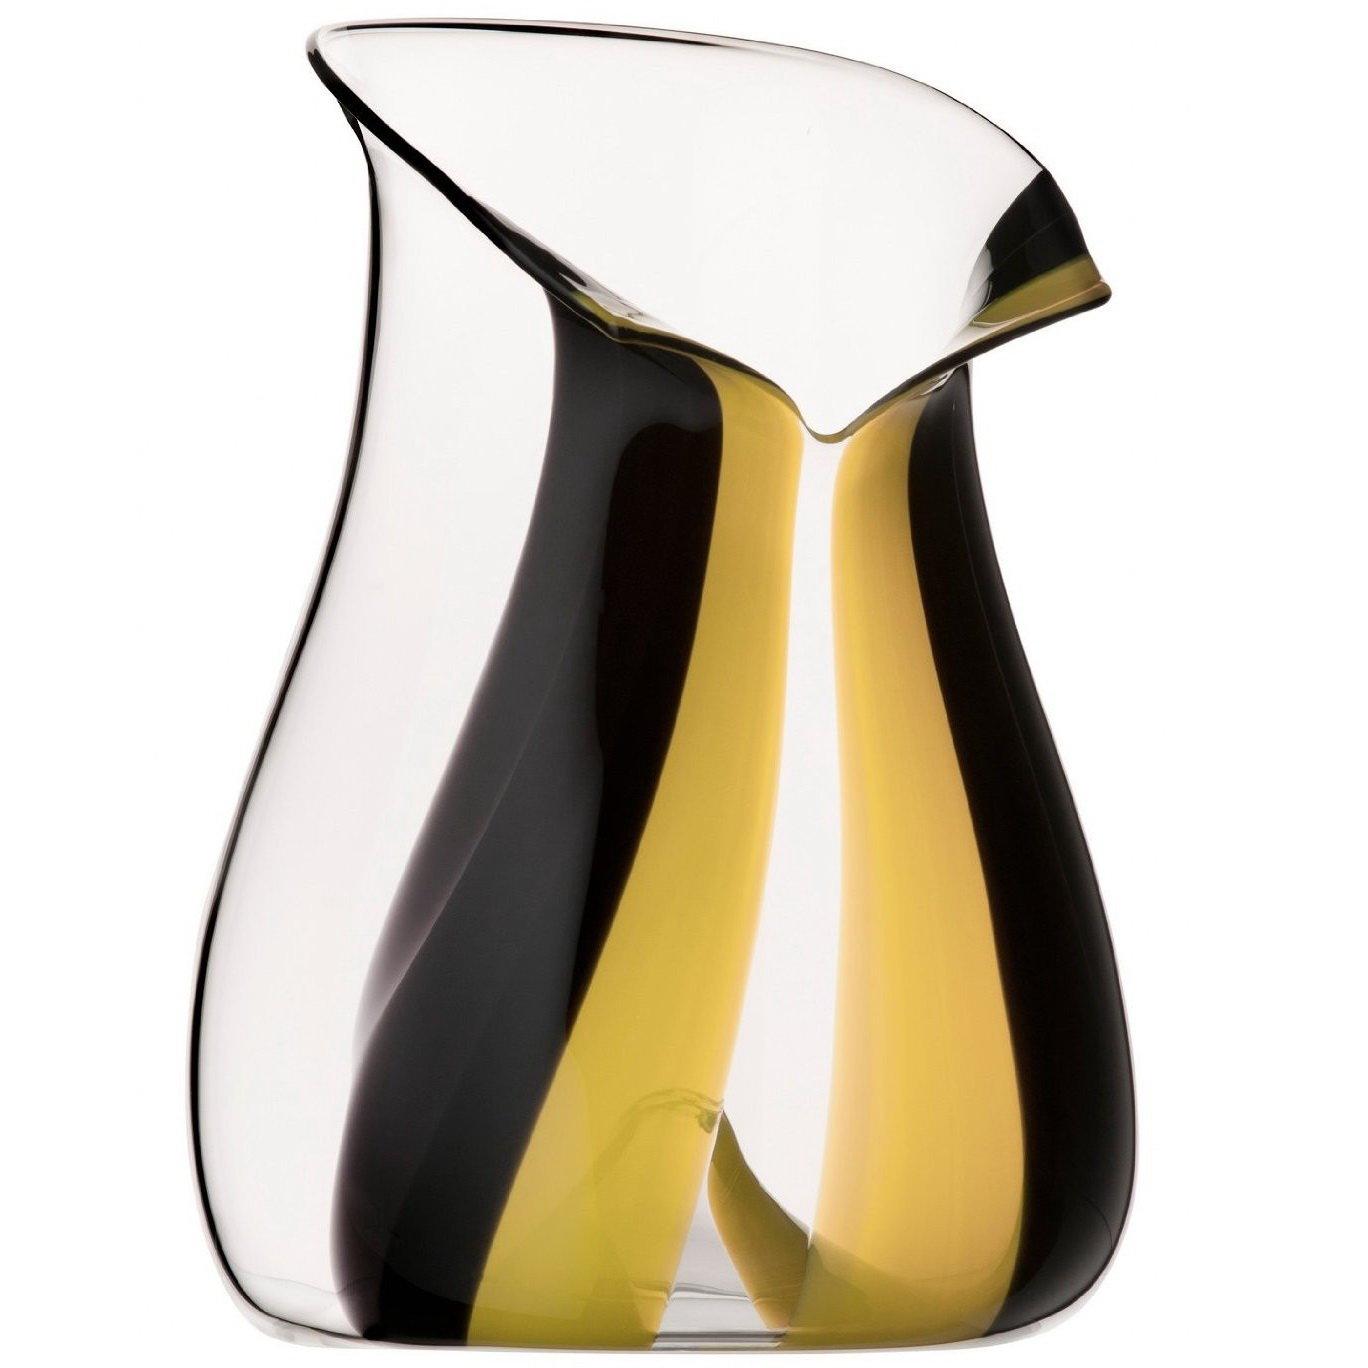 Ведро для охлаждения шампанского Riedel Champagne Cooler желтое (арт. 0710/25S2)